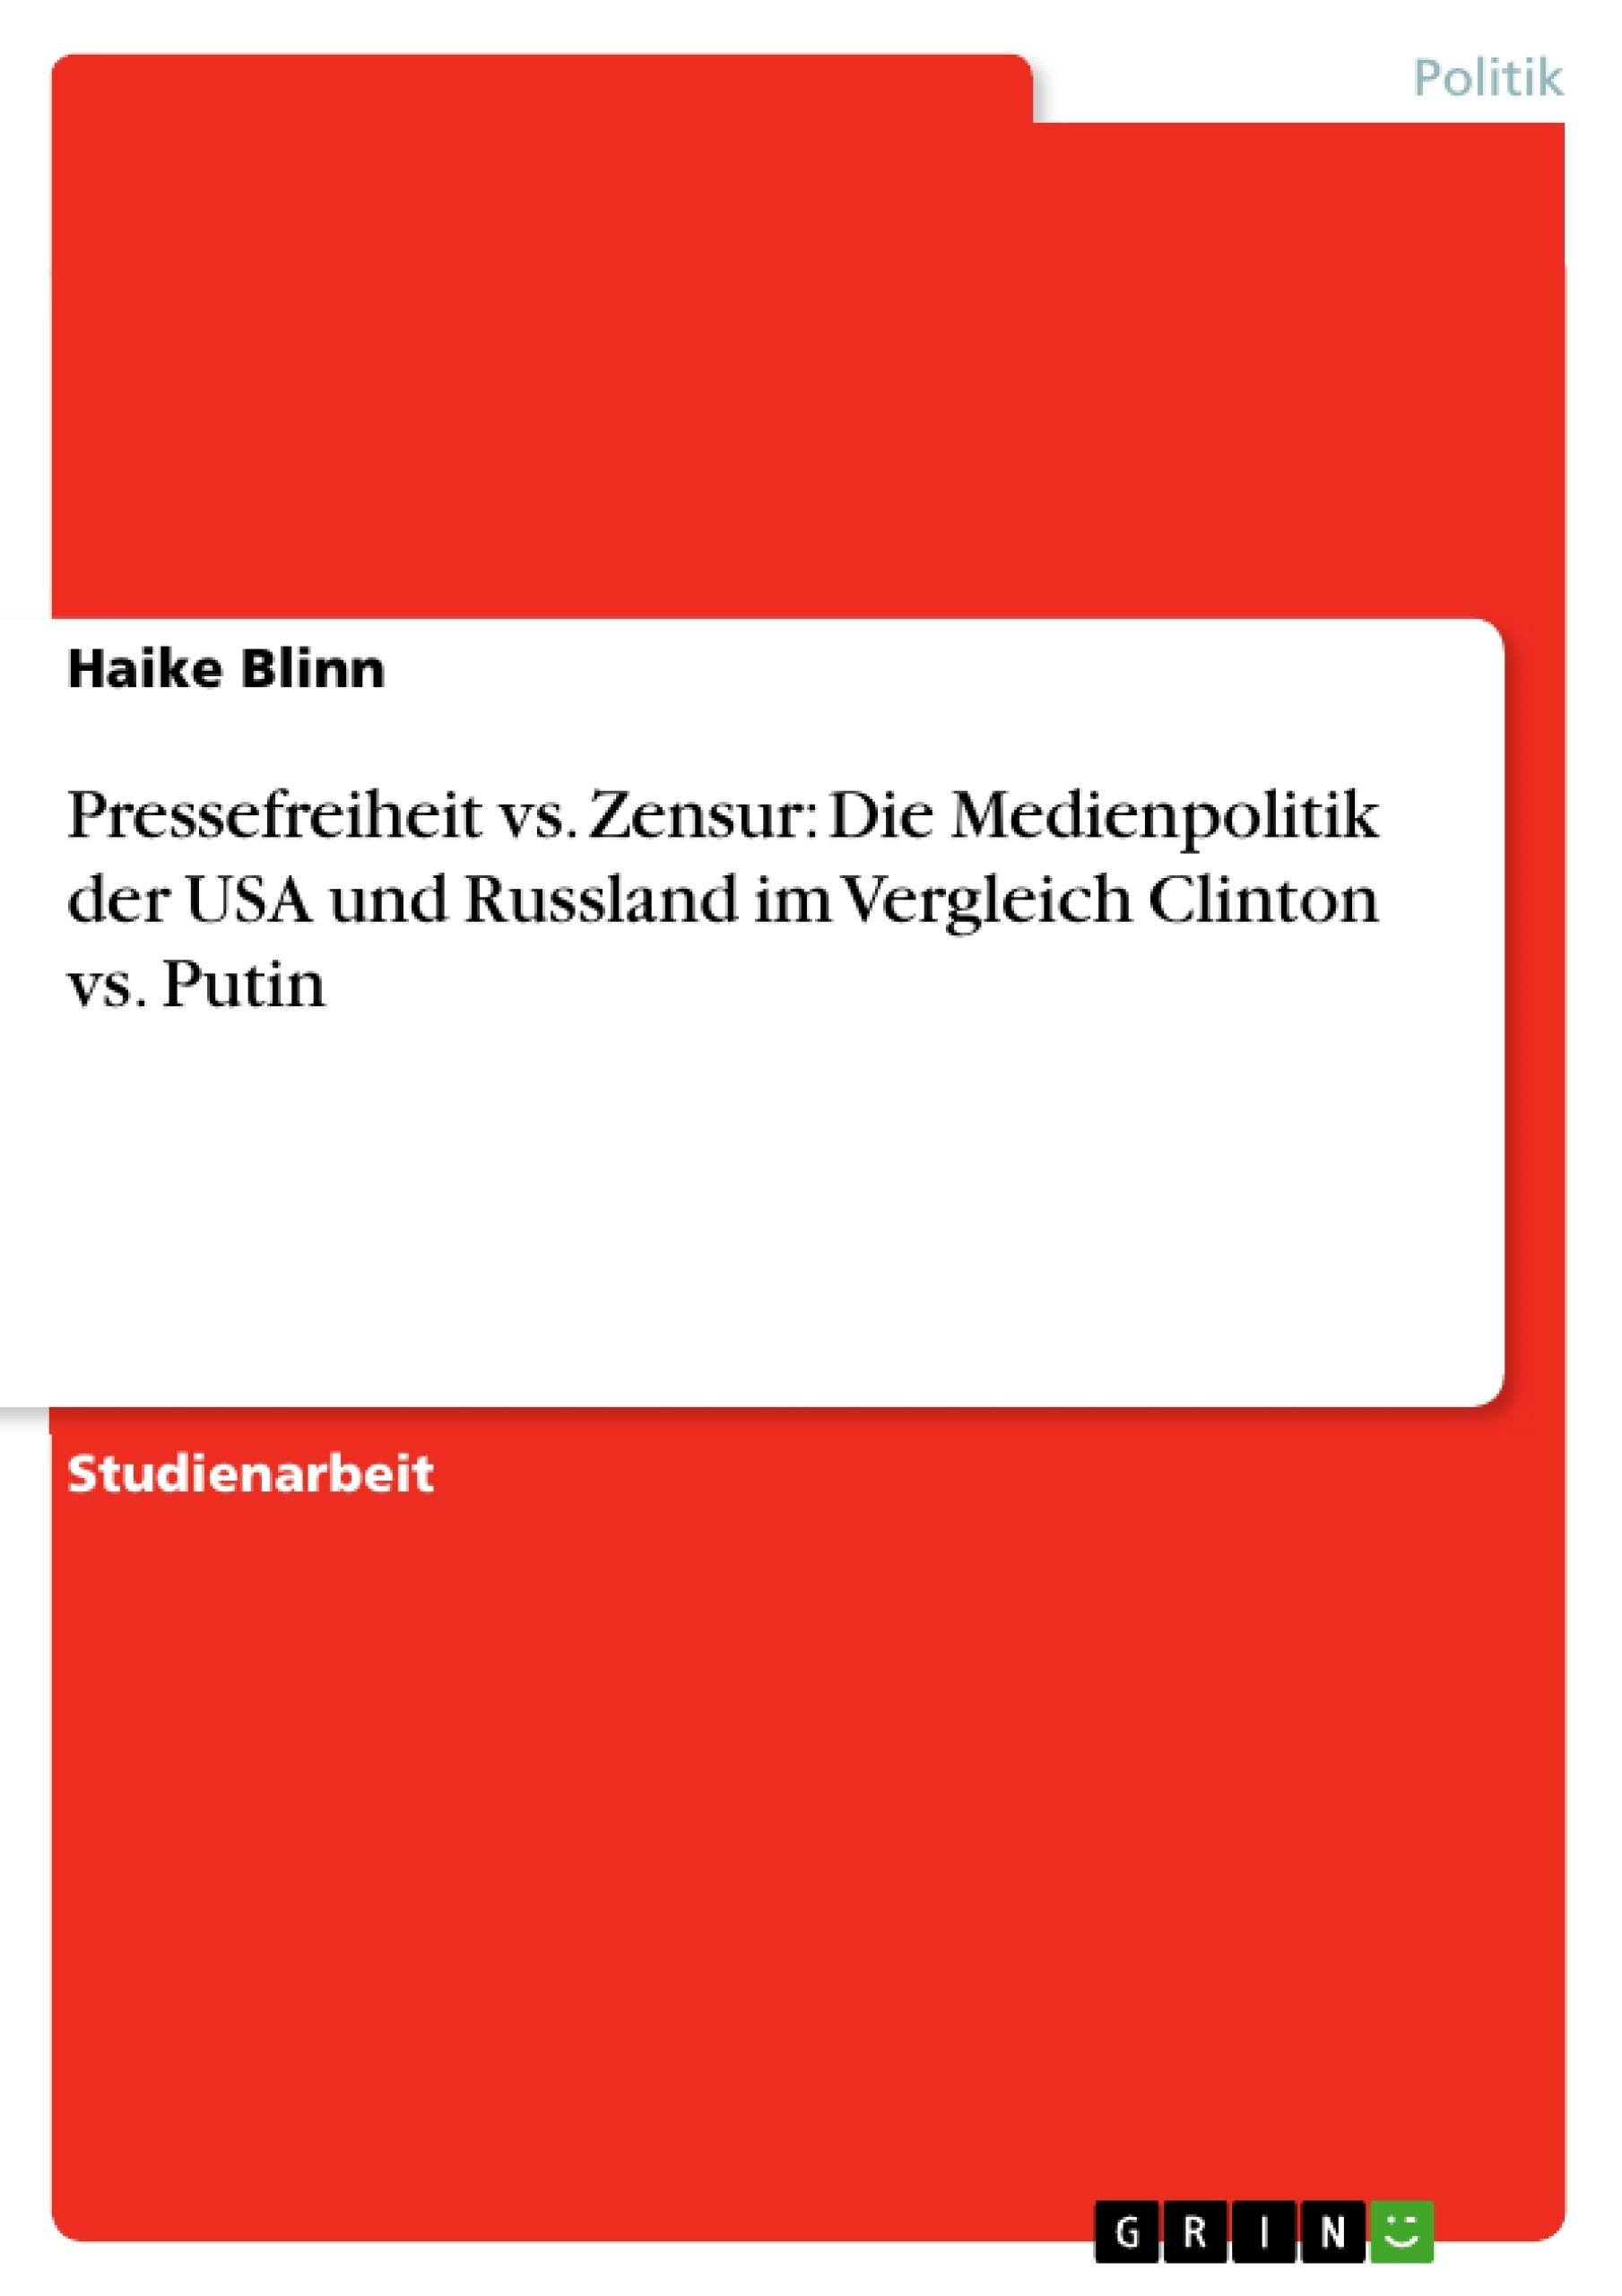 Titel: Pressefreiheit vs. Zensur: Die Medienpolitik der USA und Russland im Vergleich Clinton vs. Putin